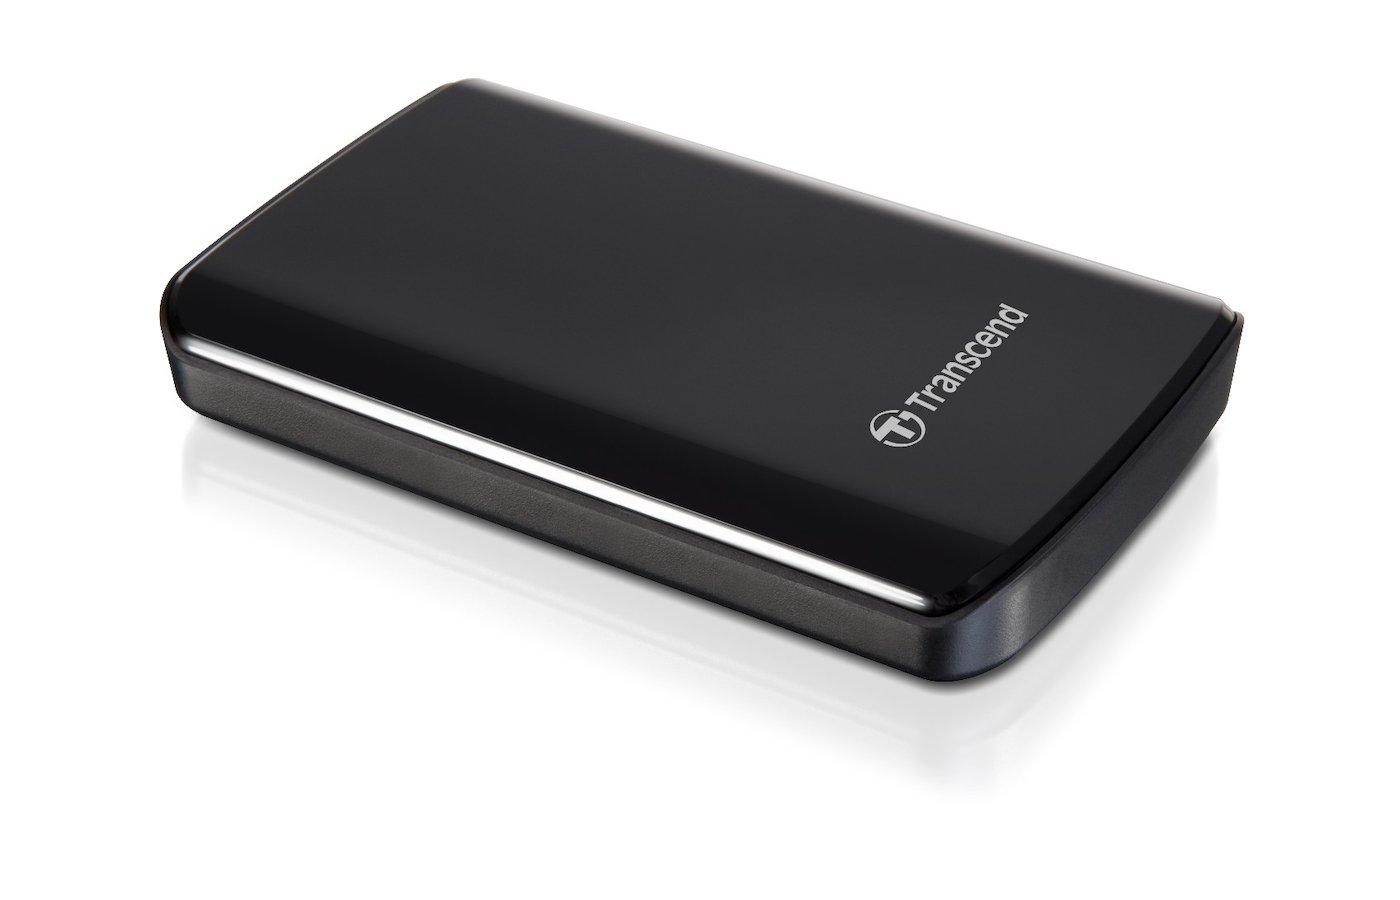 Внешний жесткий диск Transcend (TS500GSJ25A3K) 500GB StoreJet 25A Series 2.5 USB 2.0/3.0